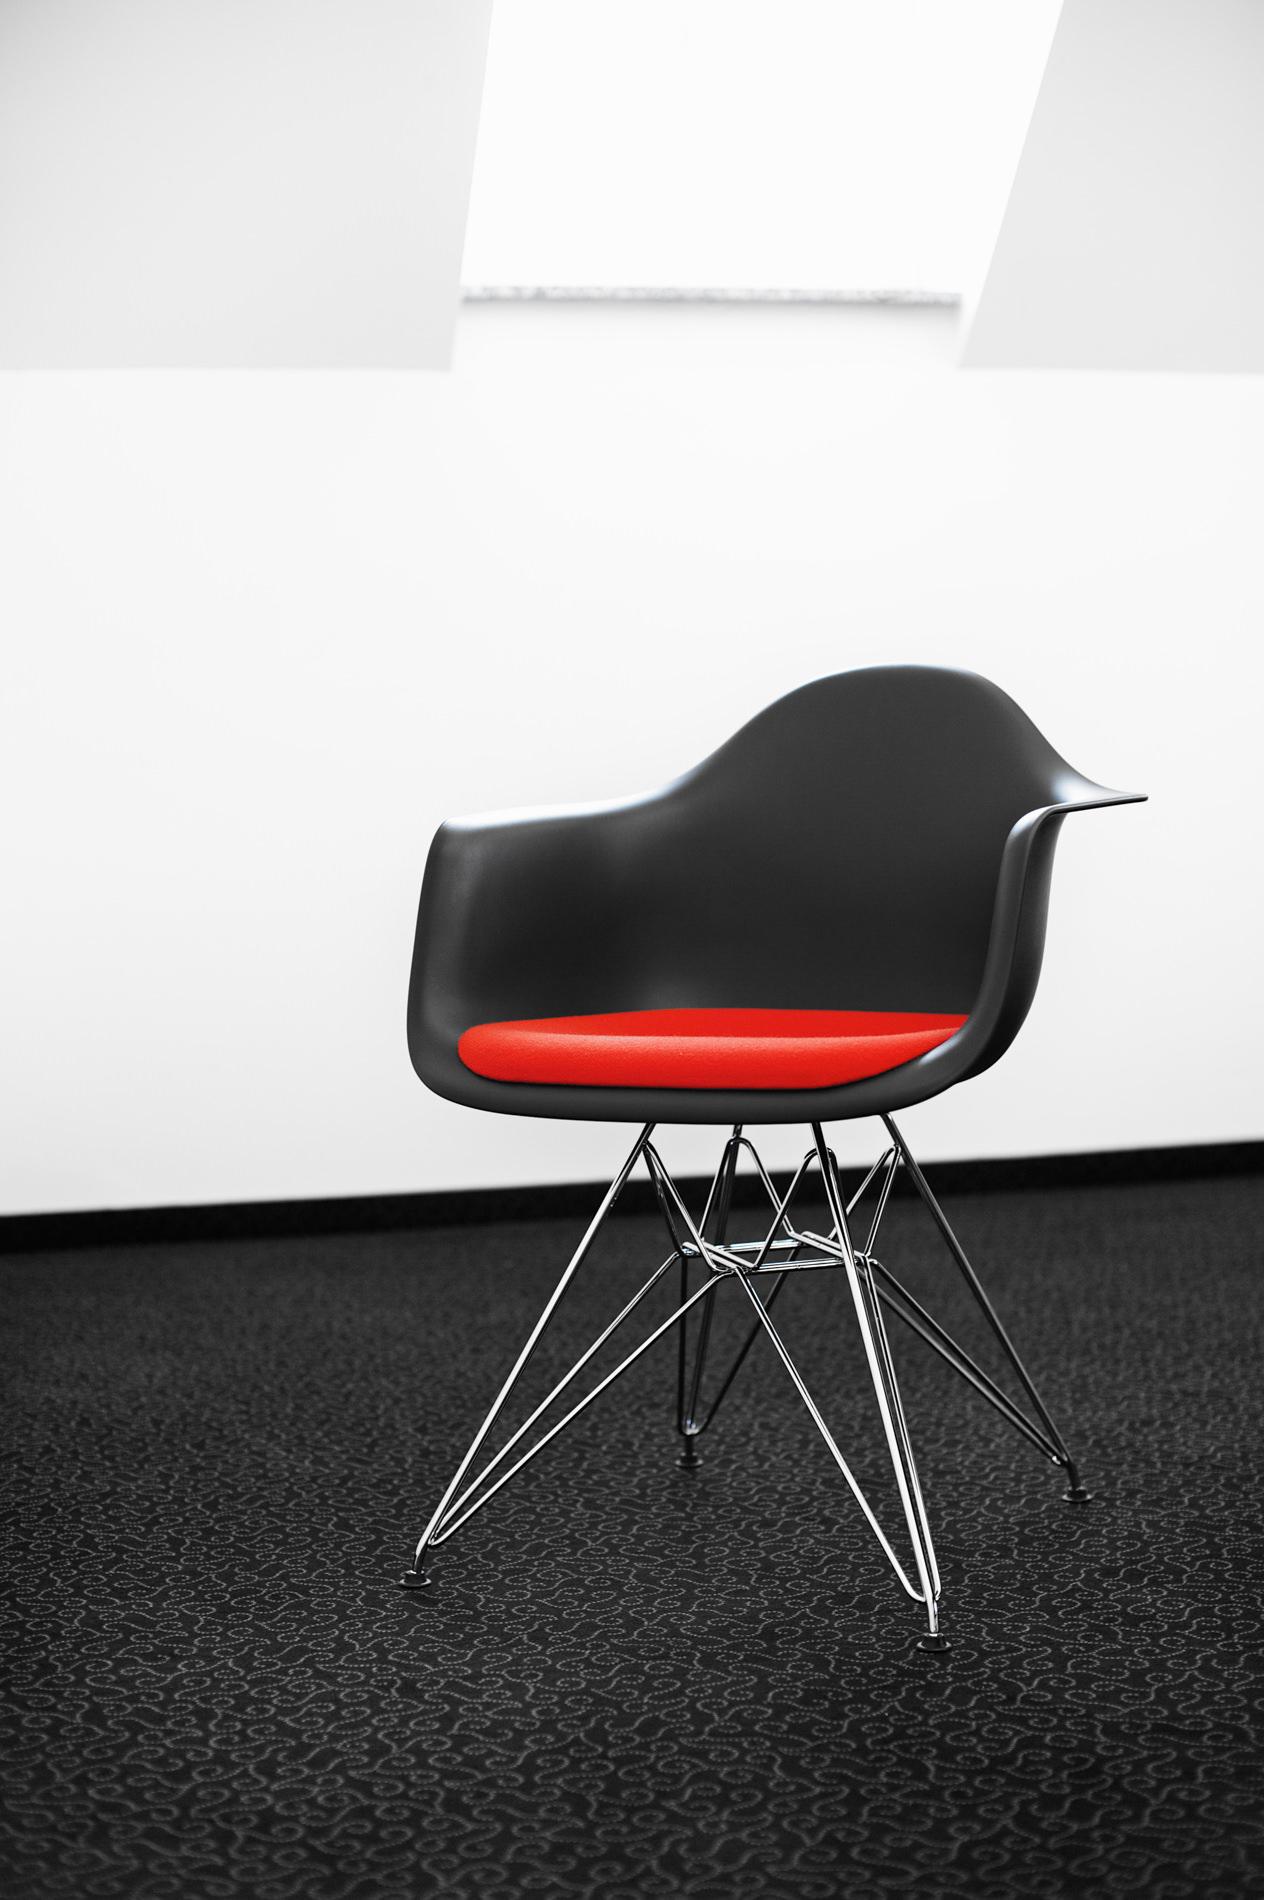 ehrlich richter s herrnhuter sterne gmbh manufaktur. Black Bedroom Furniture Sets. Home Design Ideas